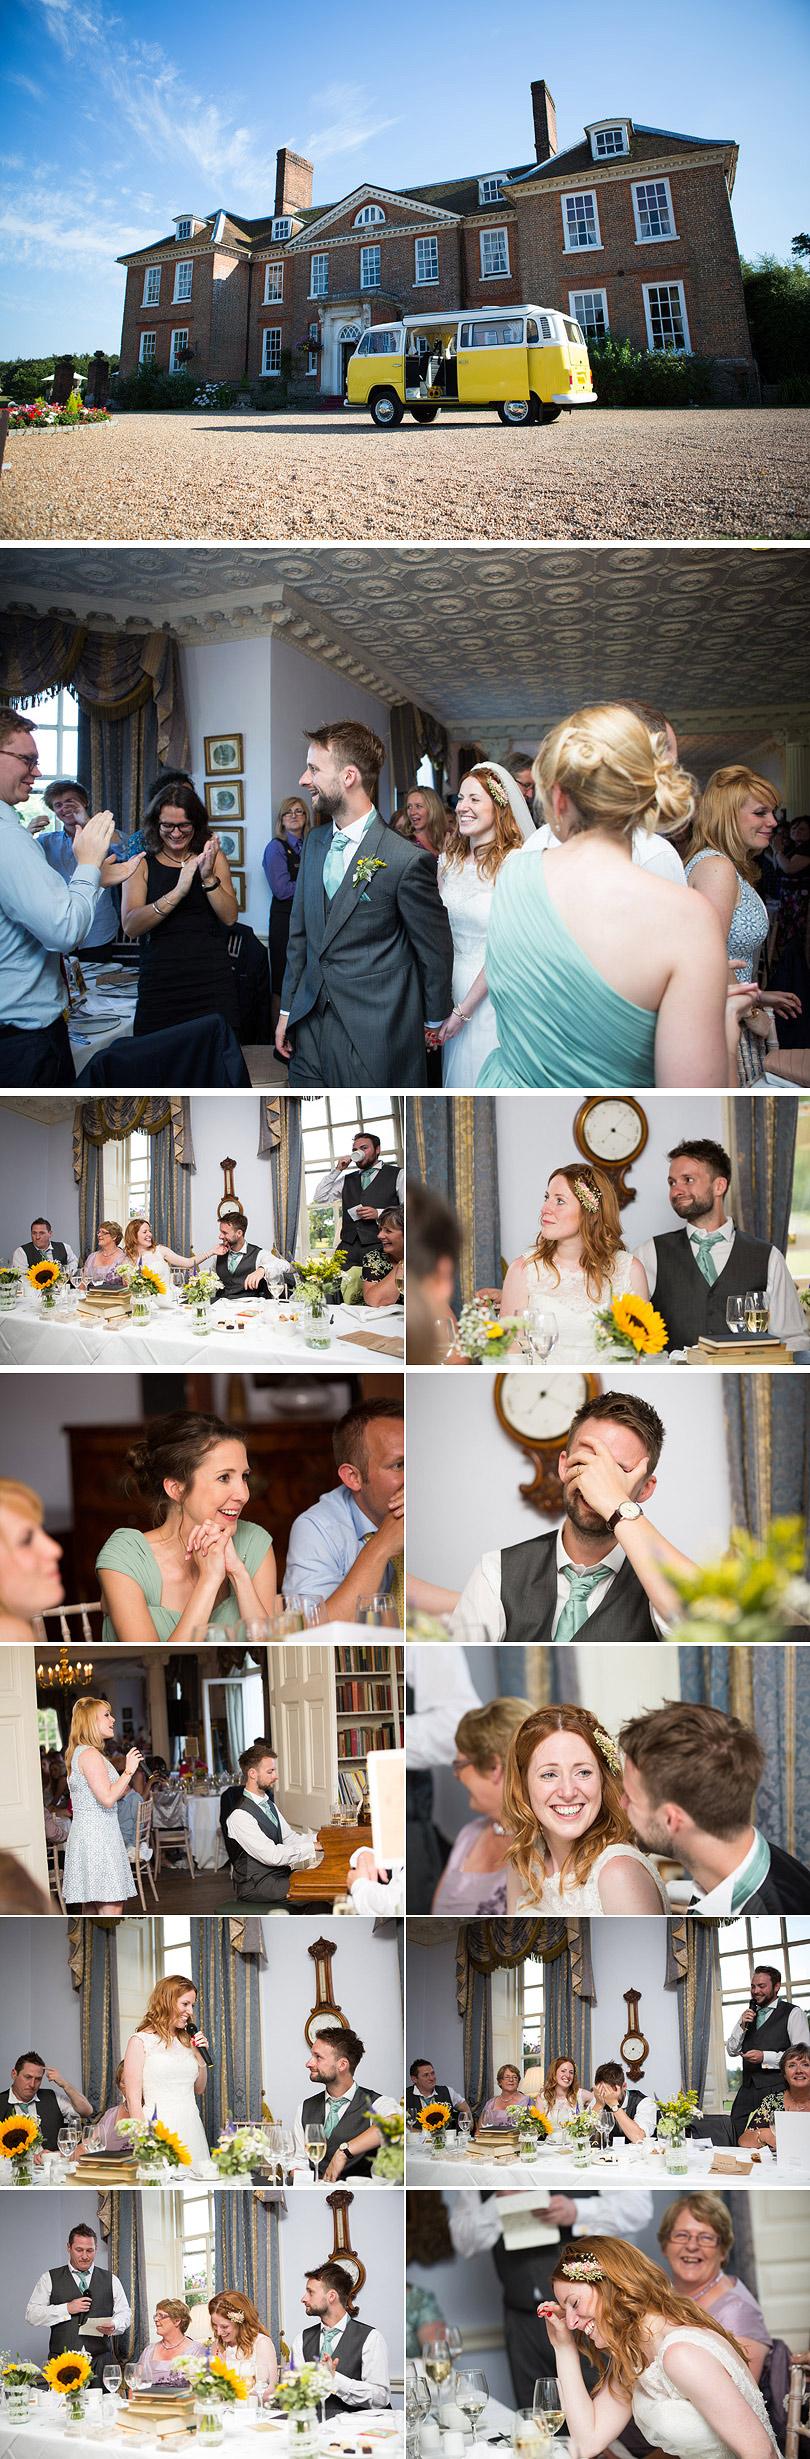 H&P-Chilston-Park-Wedding_32.jpg